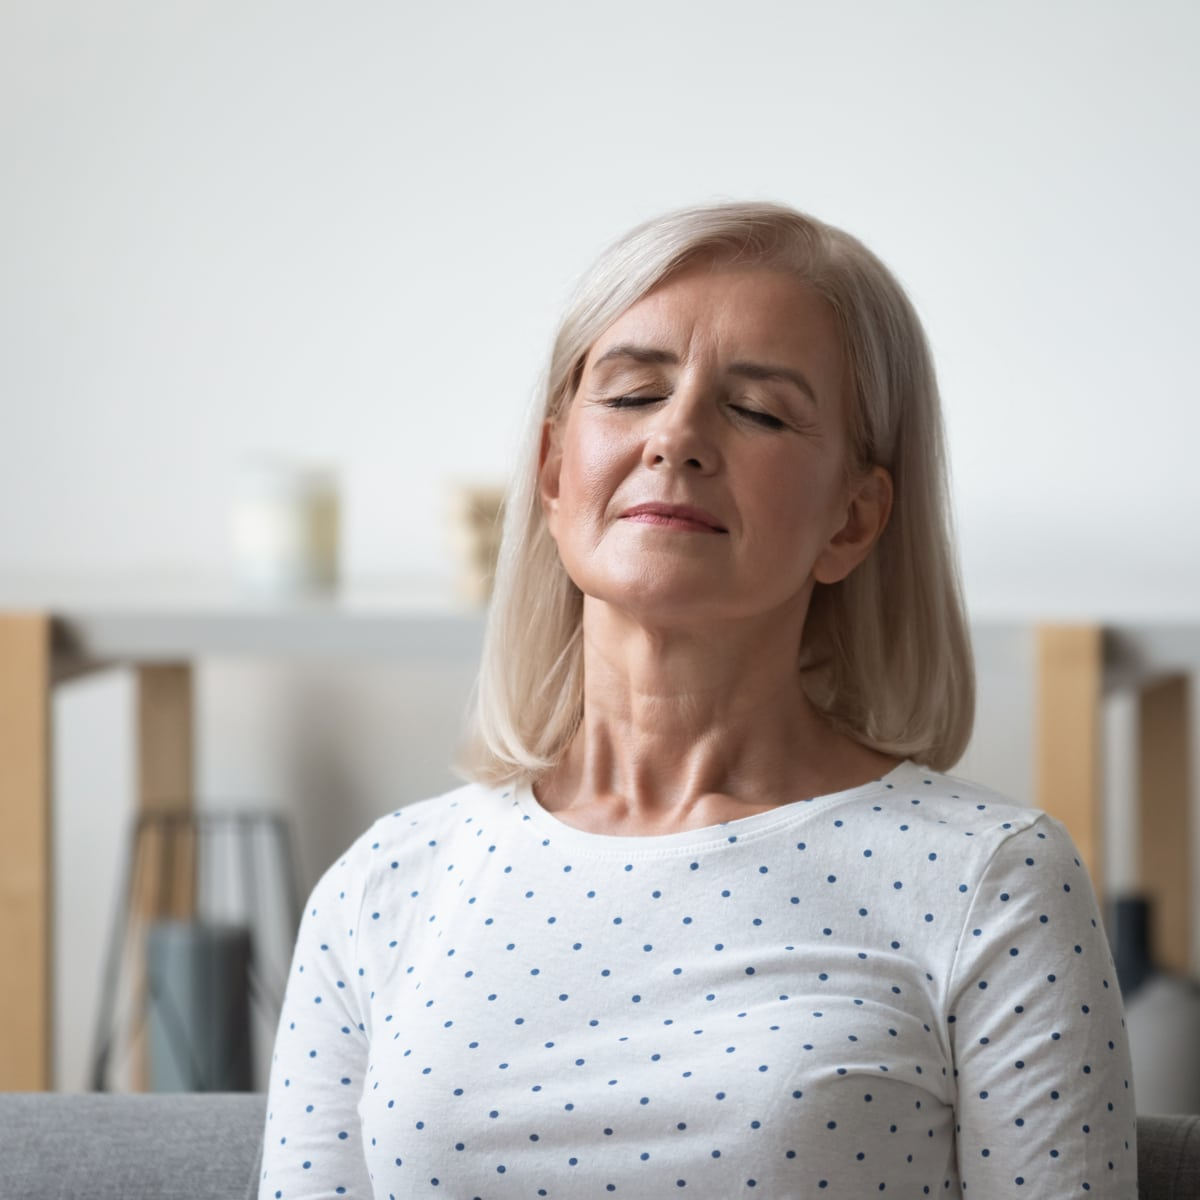 Εμμηνοπαυση:  6 φυσικοί τρόποι για την αντιμετώπιση των συμπτωμάτων-0